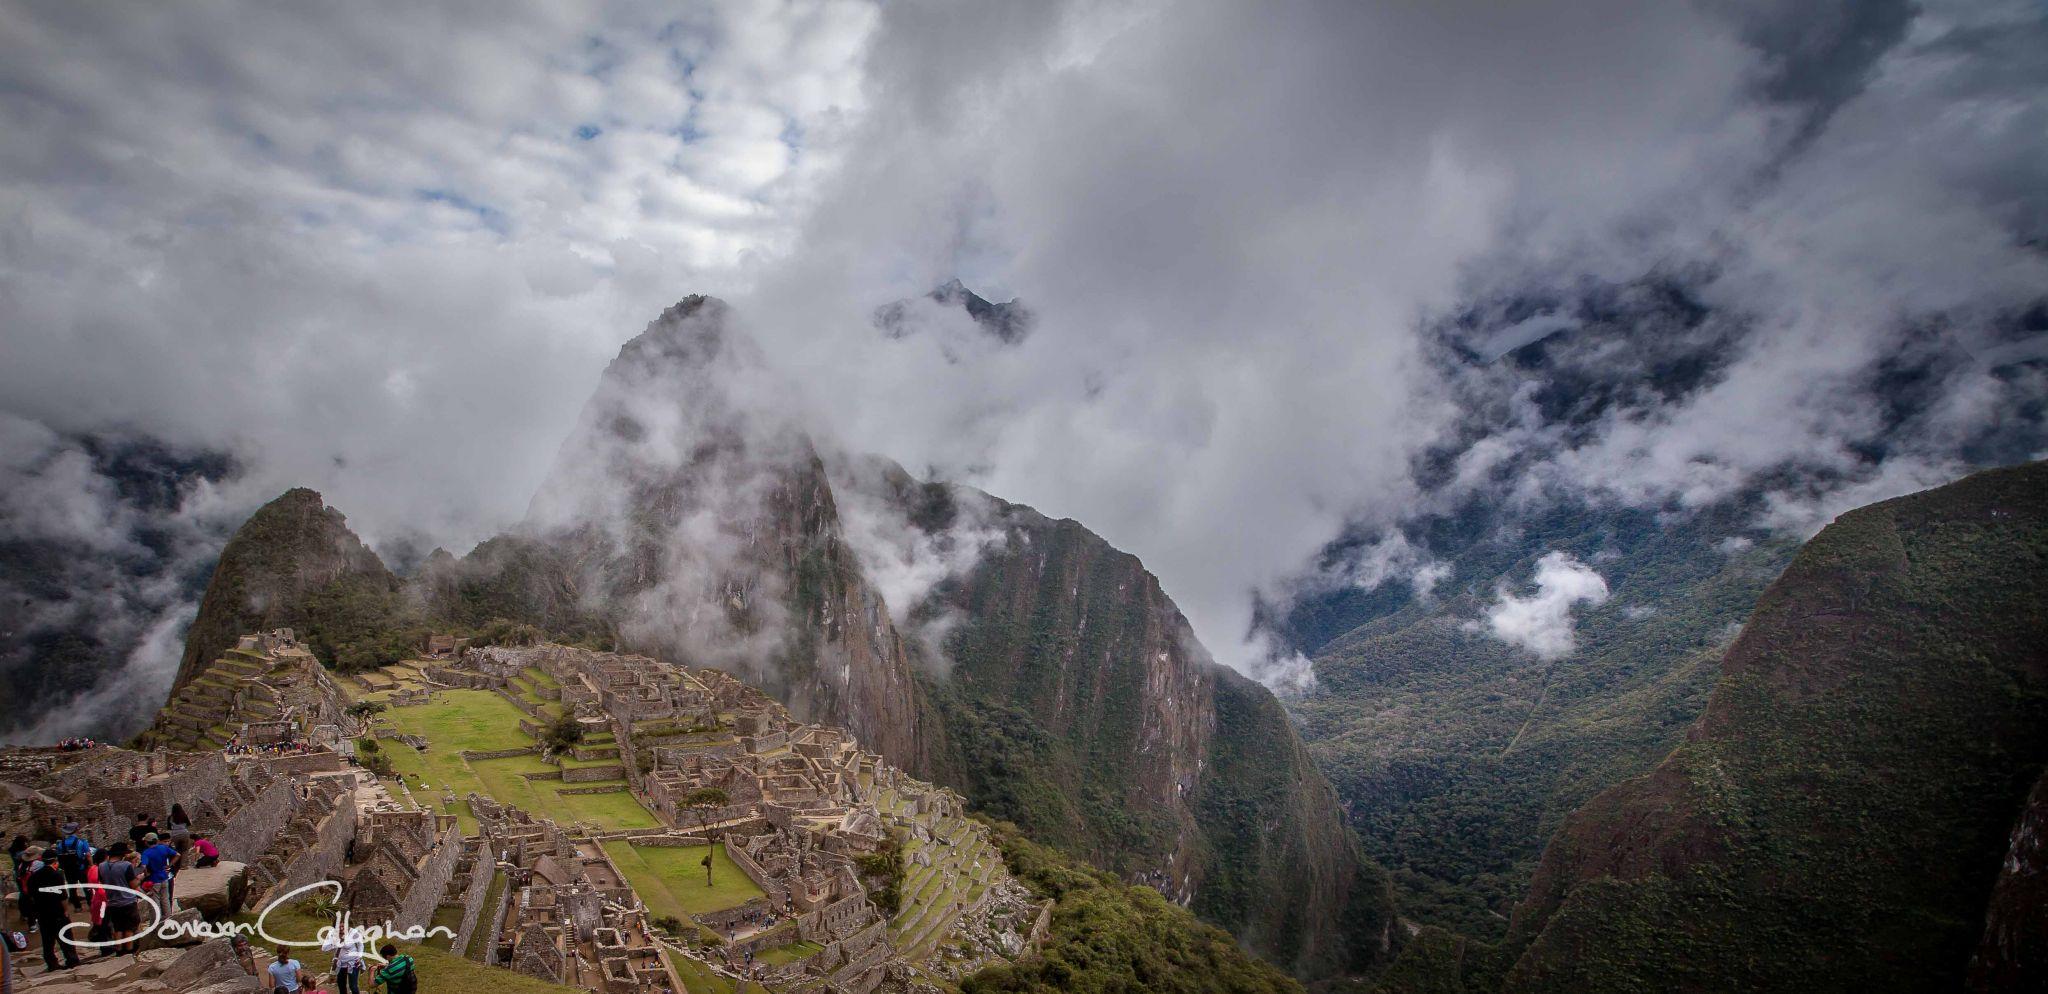 Machu Picchu with cloud, Peru